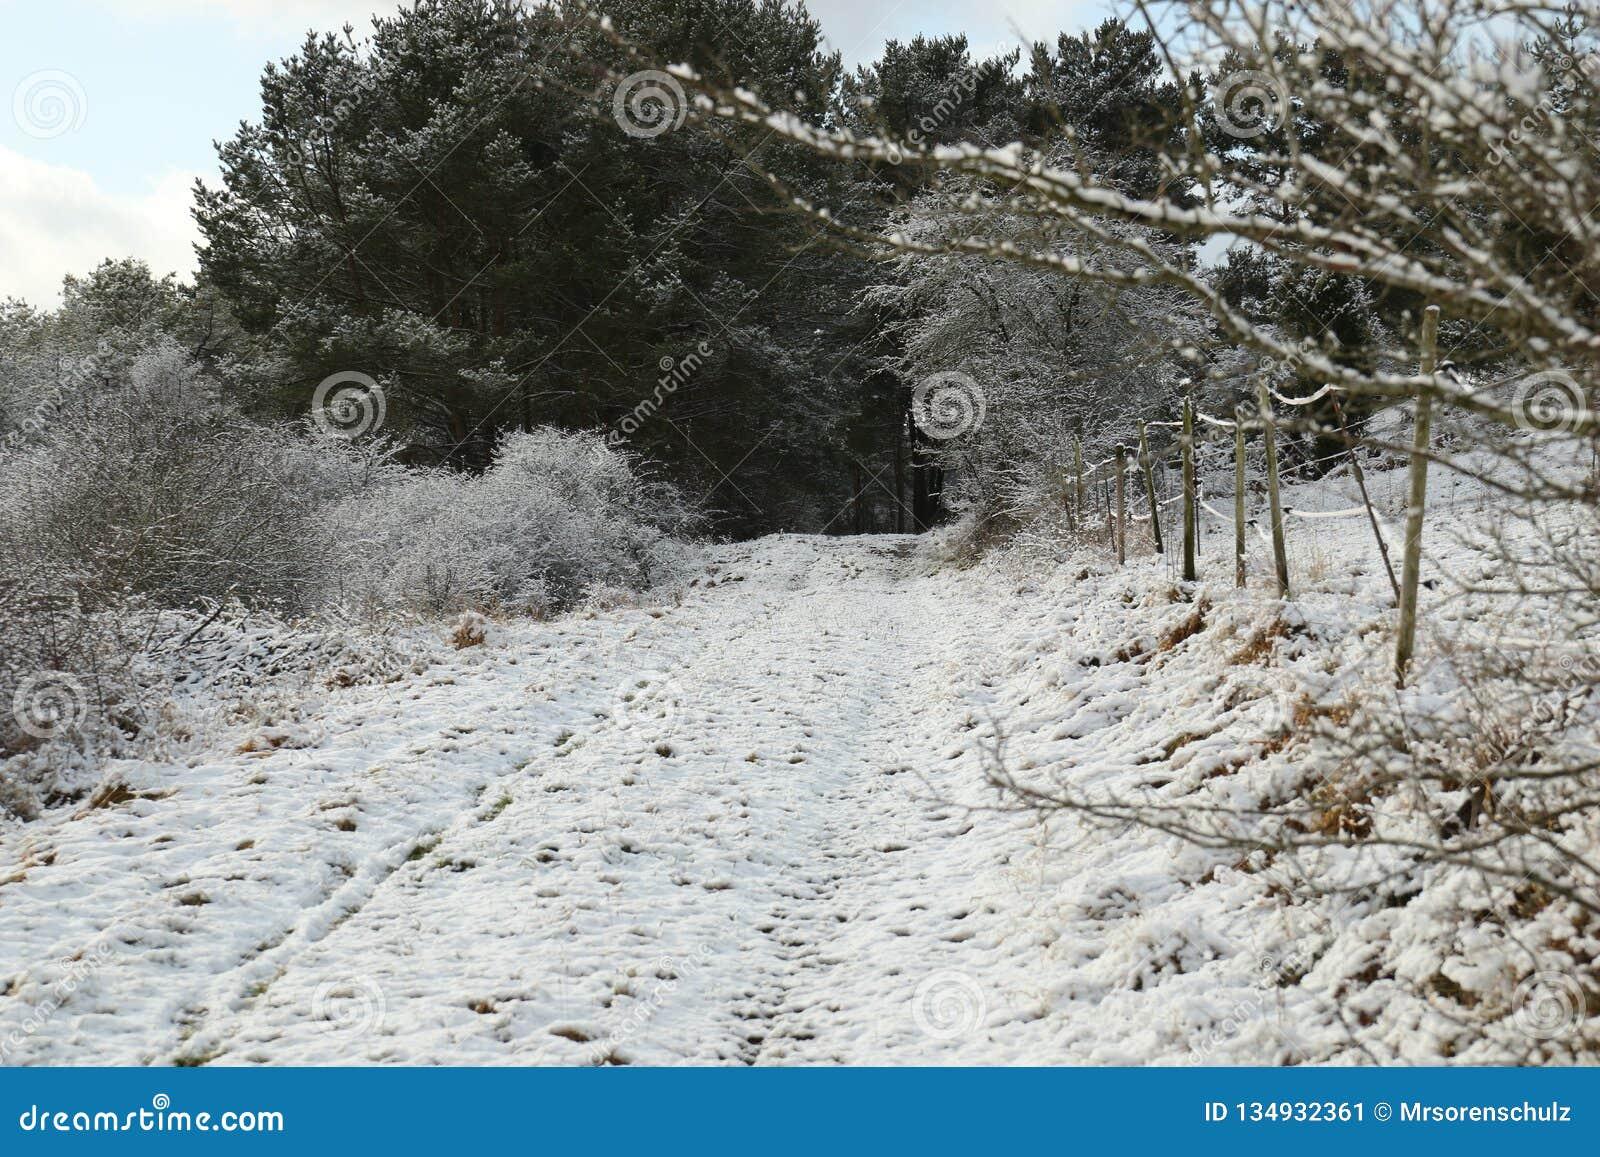 在带领入森林的土路/农场马路的雪在埃菲尔山村庄附近